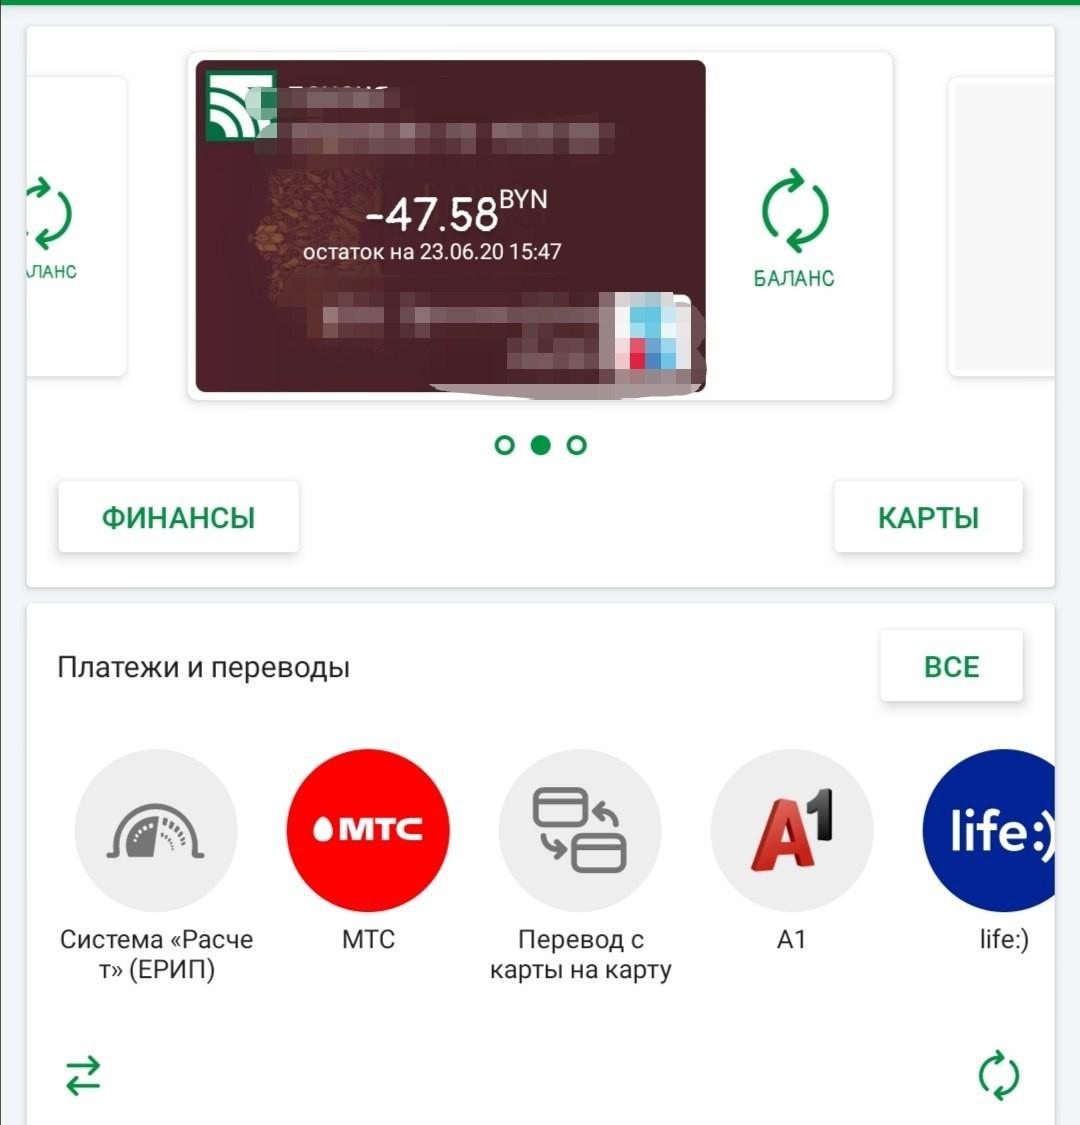 В Бобруйске некоторые клиенты Беларусбанка увидели минусовой баланс на своих картах. В чем причина